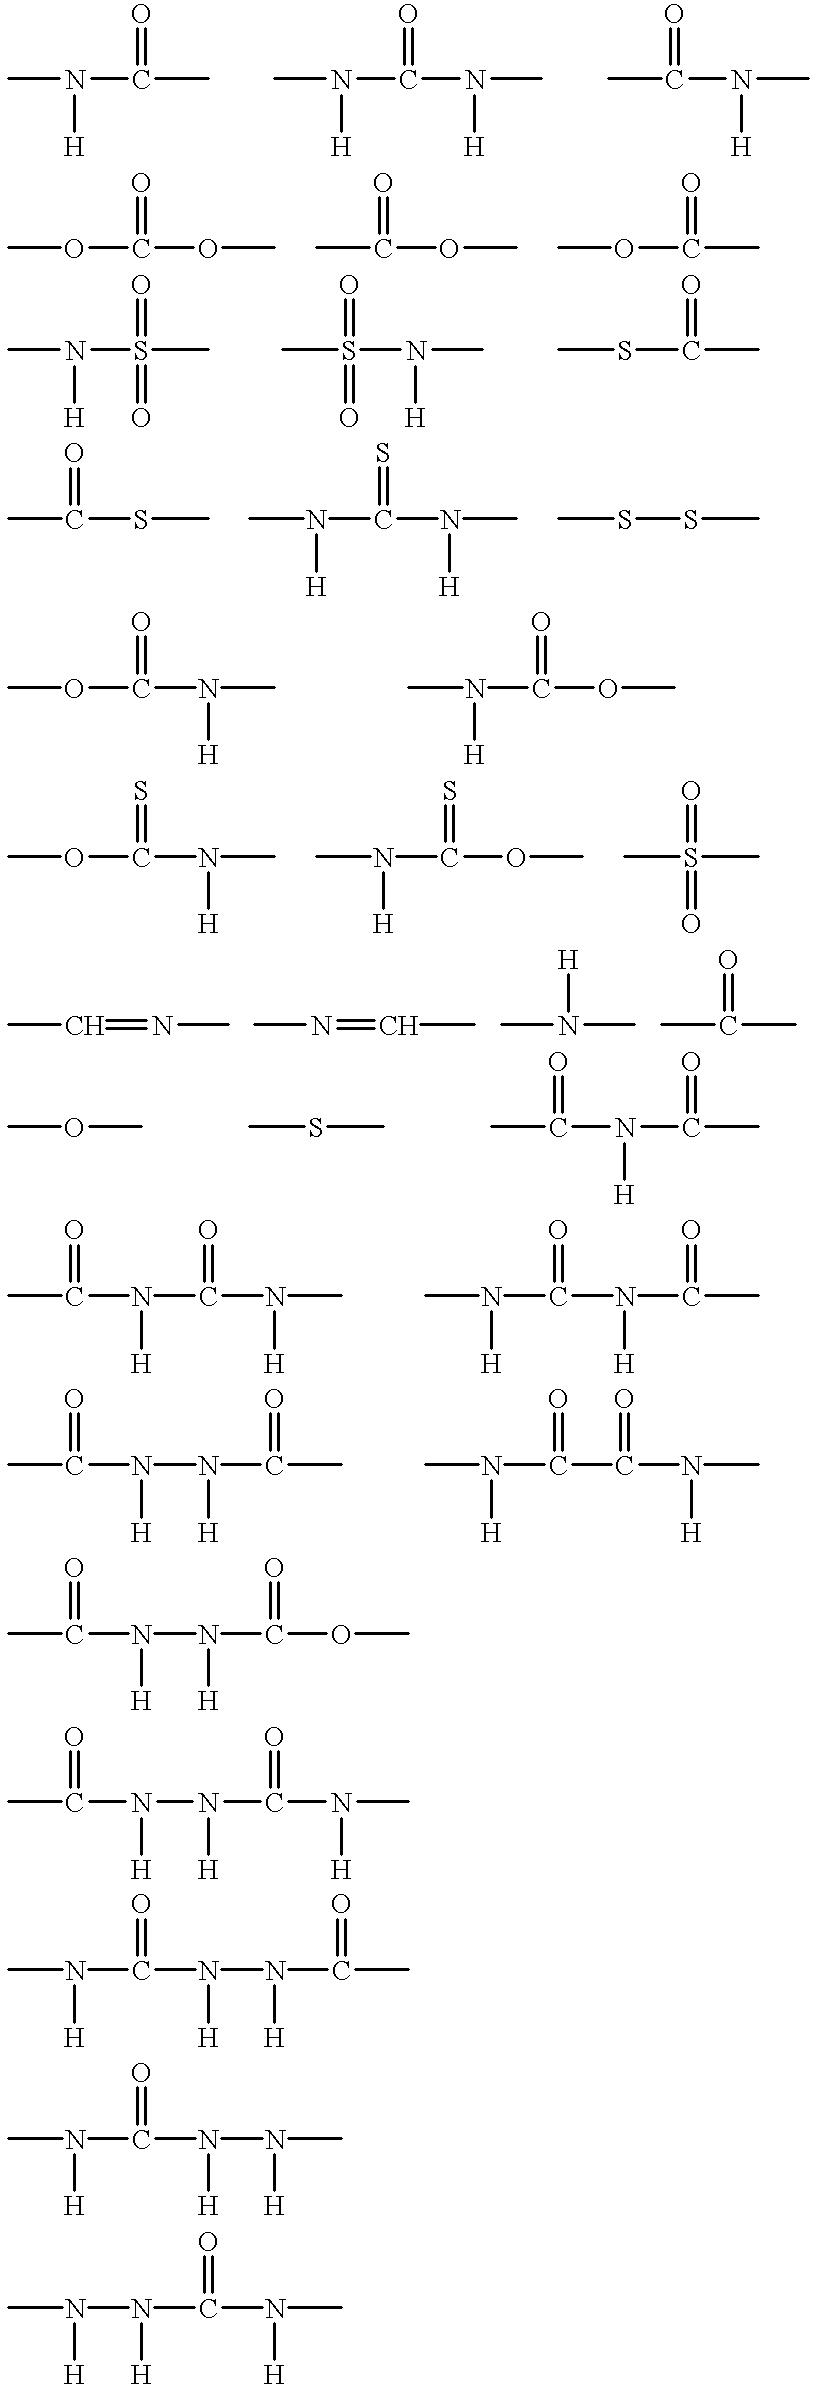 Figure US06524377-20030225-C00047